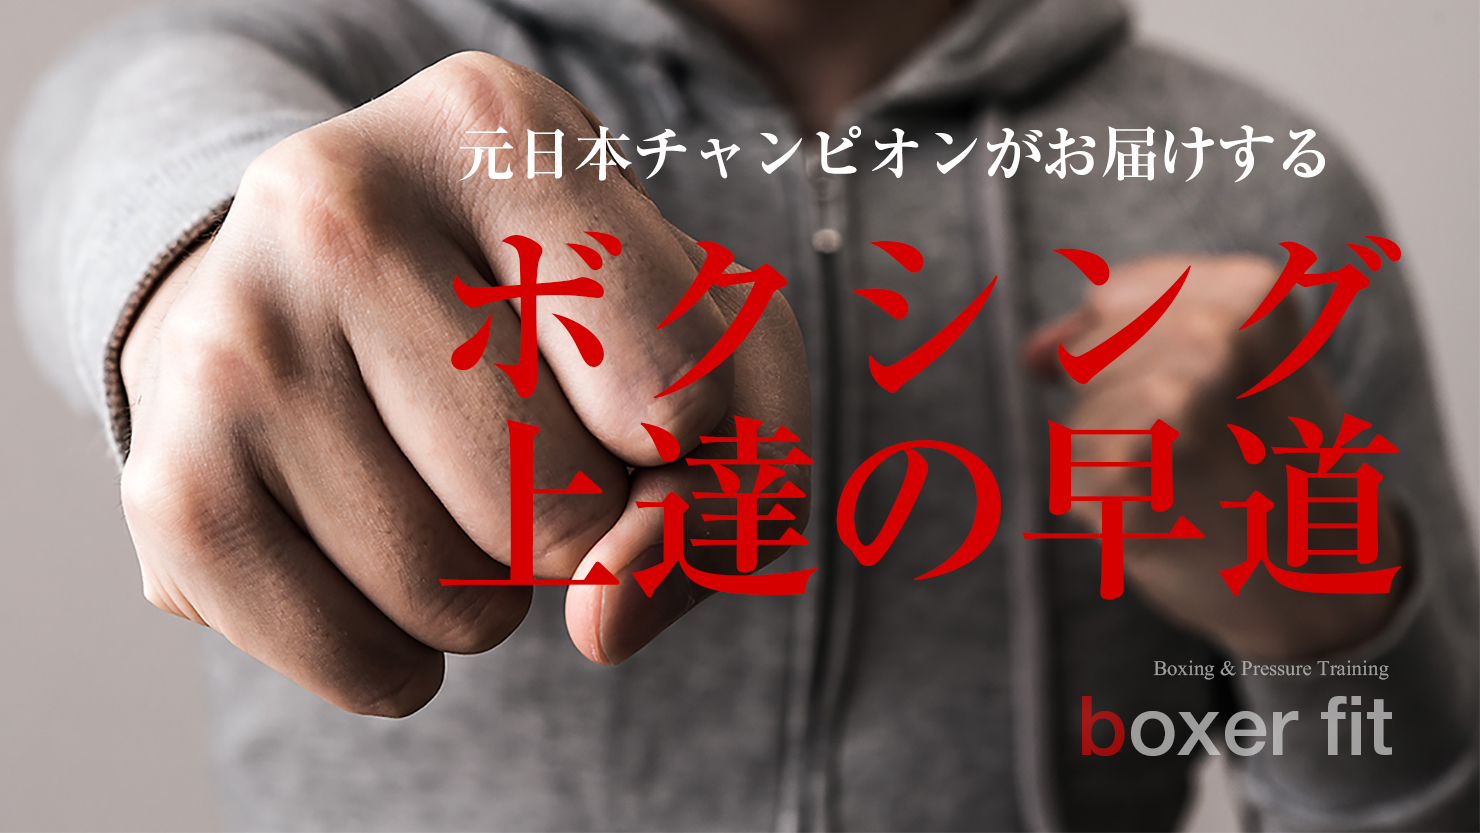 ボクシングをはじめよう!|カクトウログ